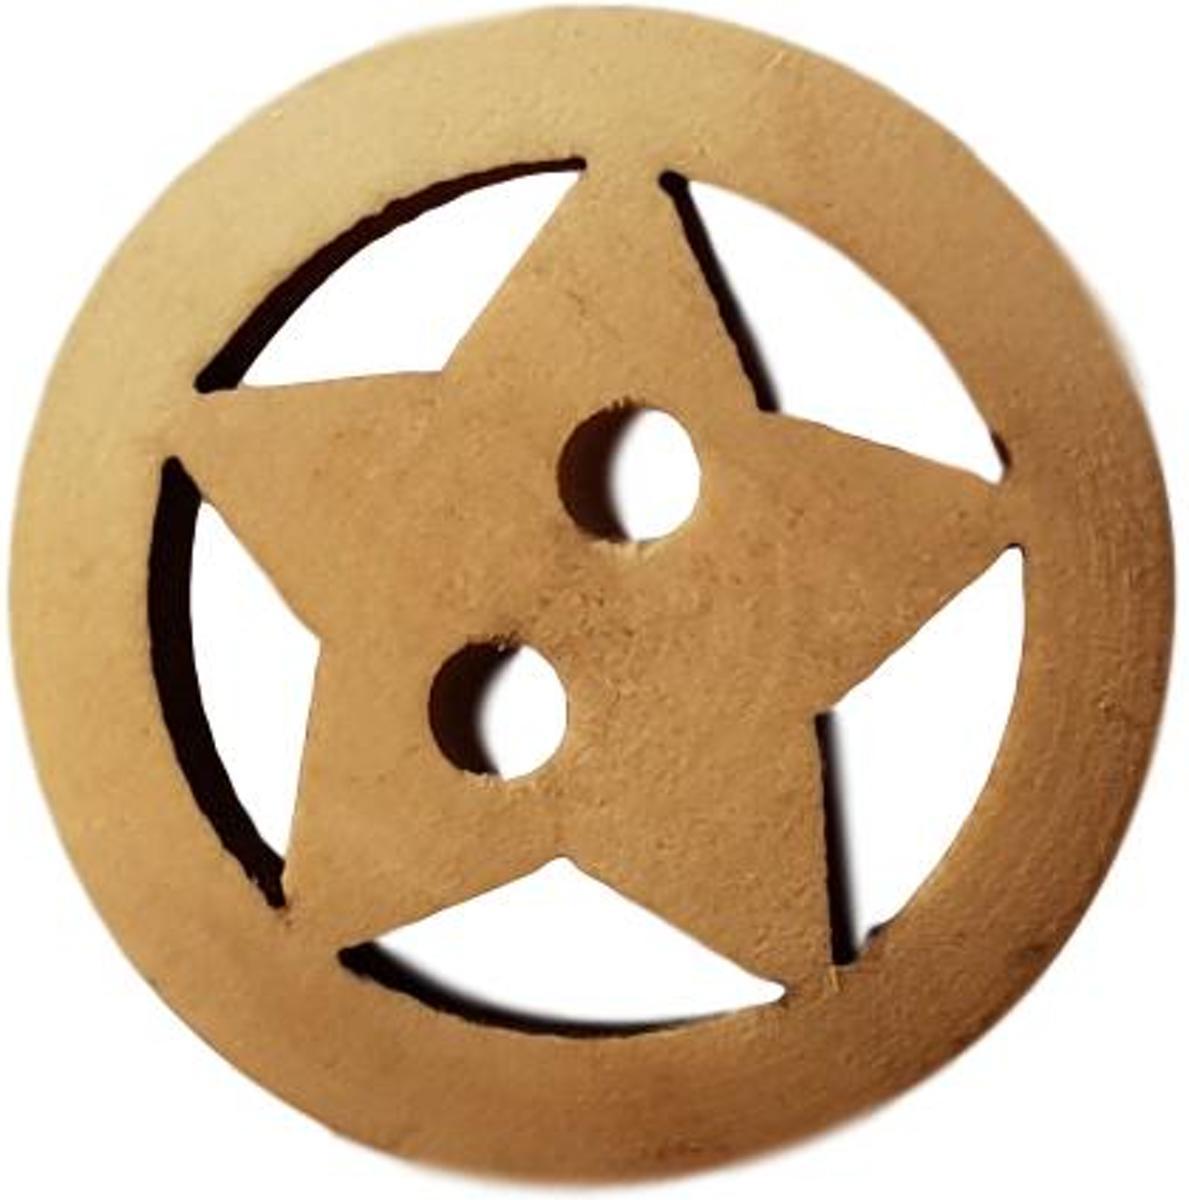 Knopen - 15 stuks - 20mm - Houten knopen - Ster - Knoop hout kopen